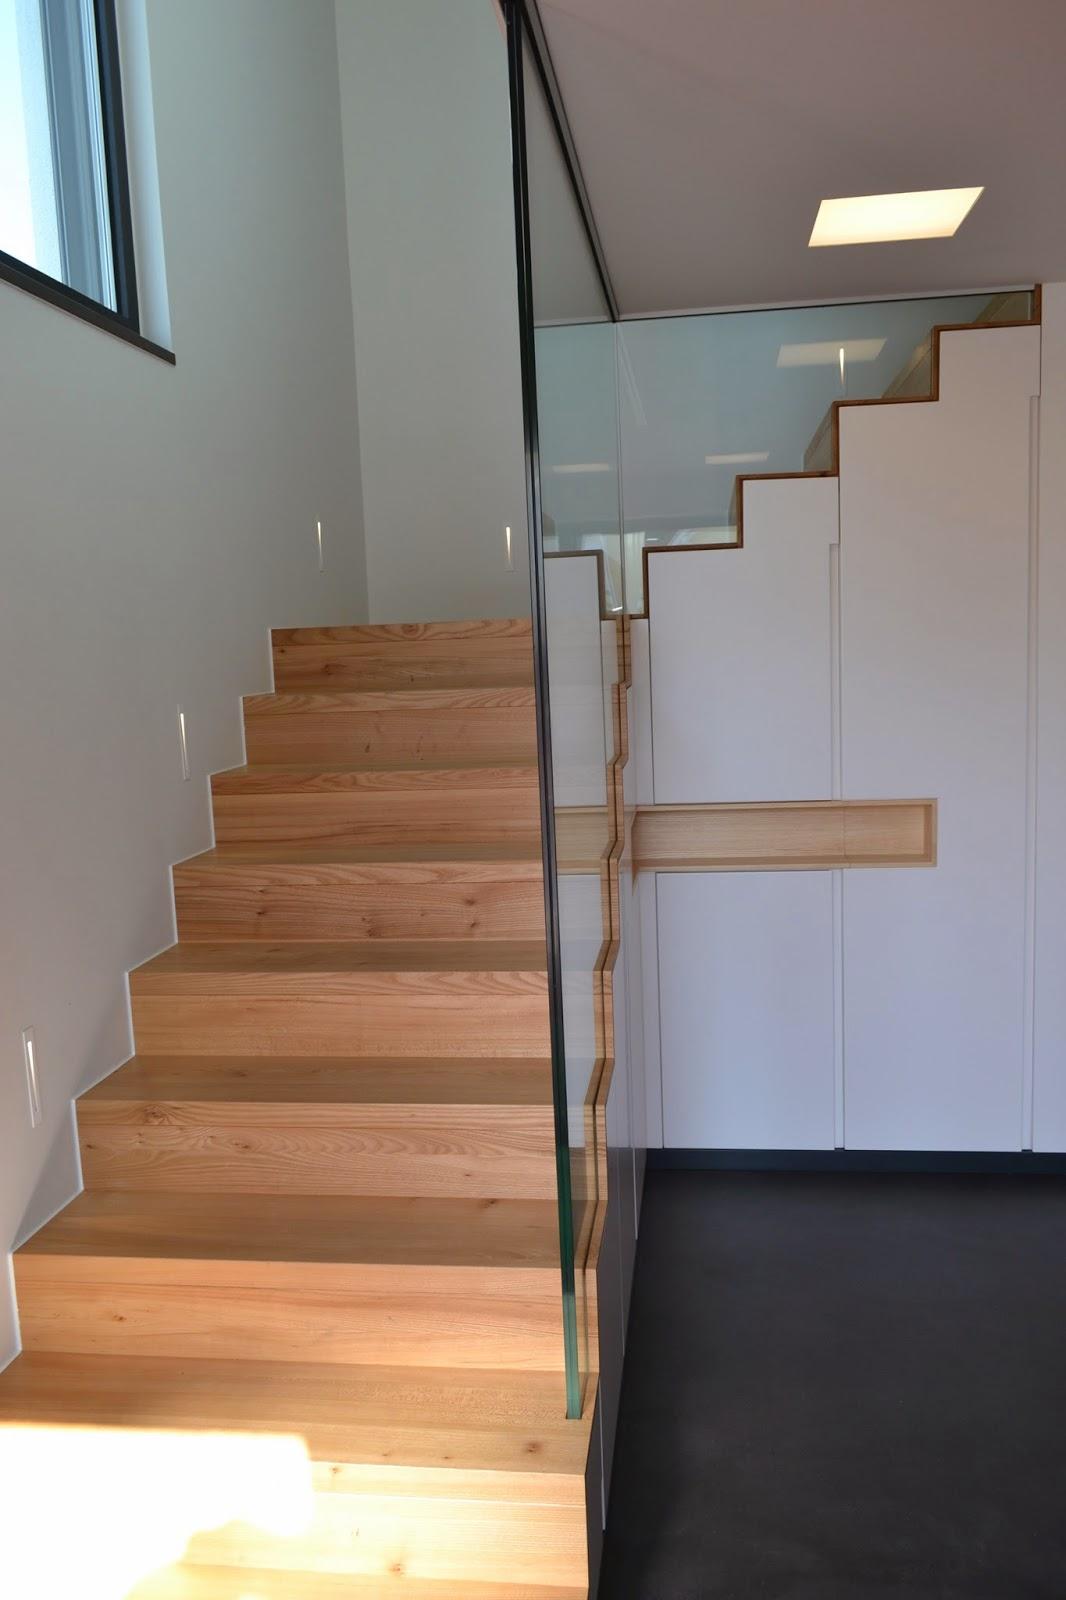 kellerabgang au en dekor home design ideen. Black Bedroom Furniture Sets. Home Design Ideas